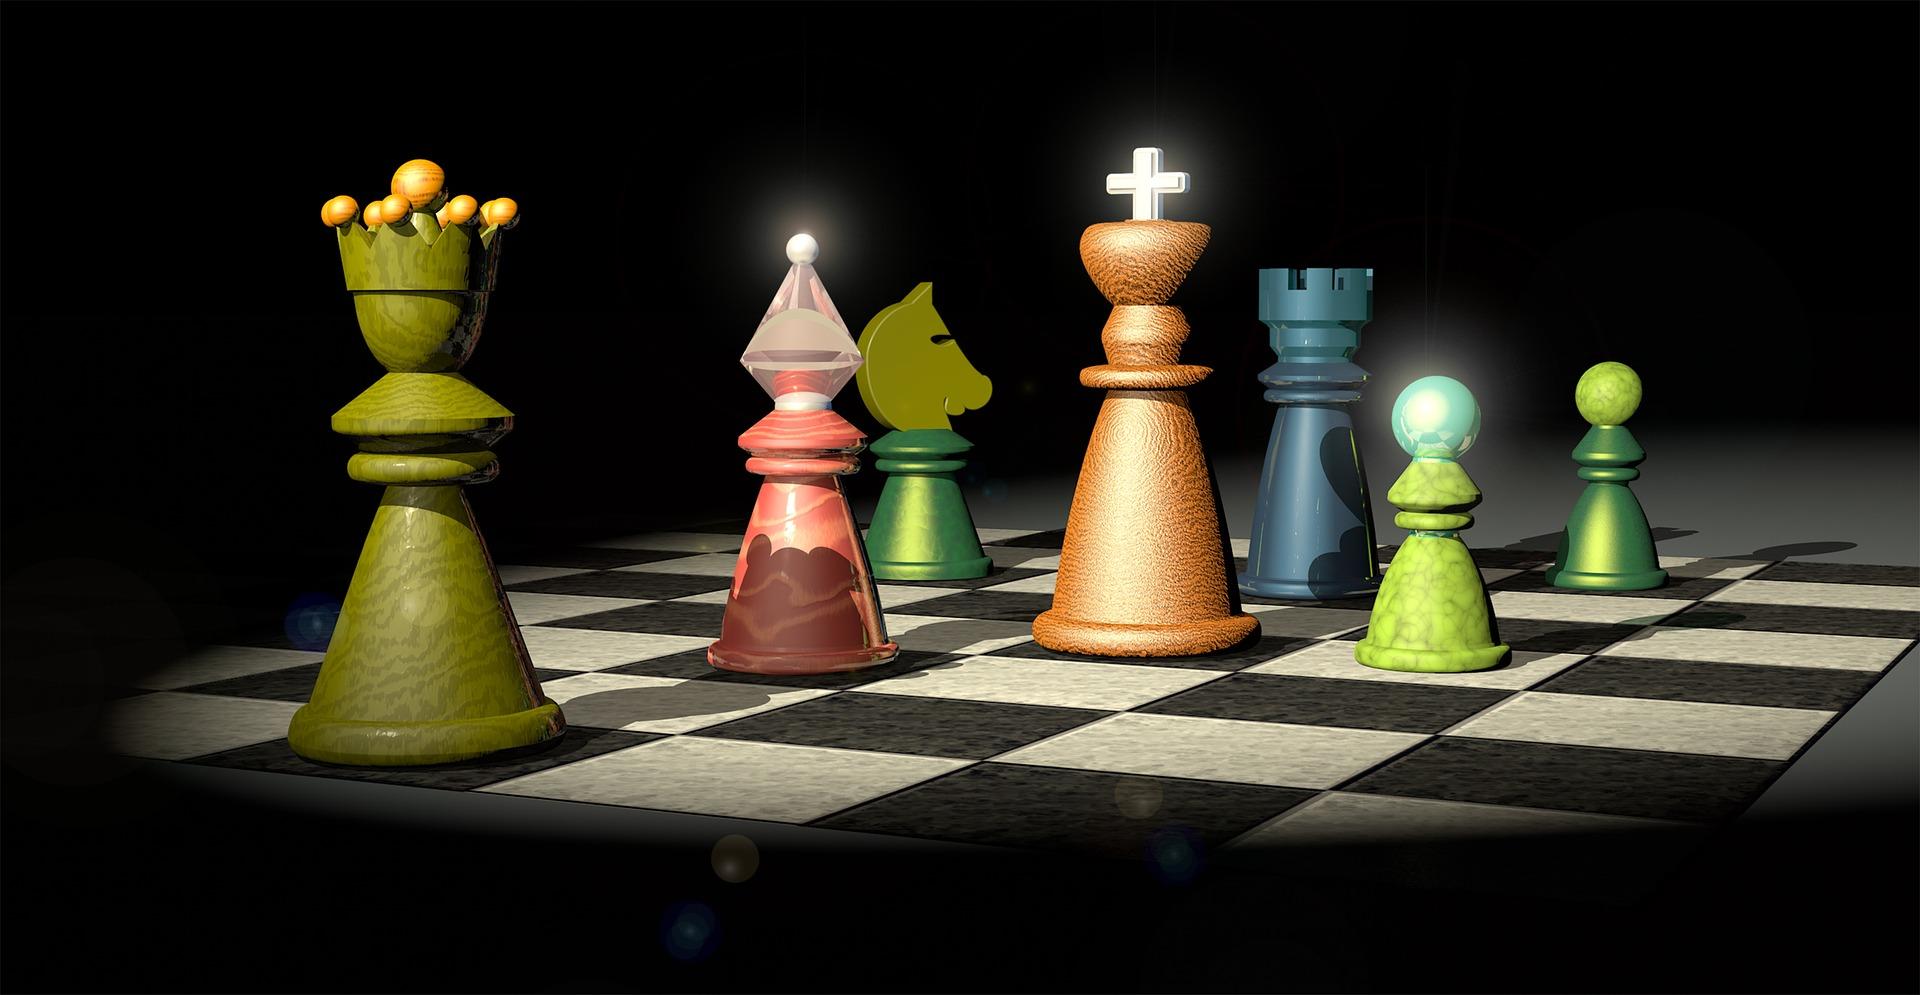 Έναρξη μαθημάτων σκάκι για παιδιά 2021-2022